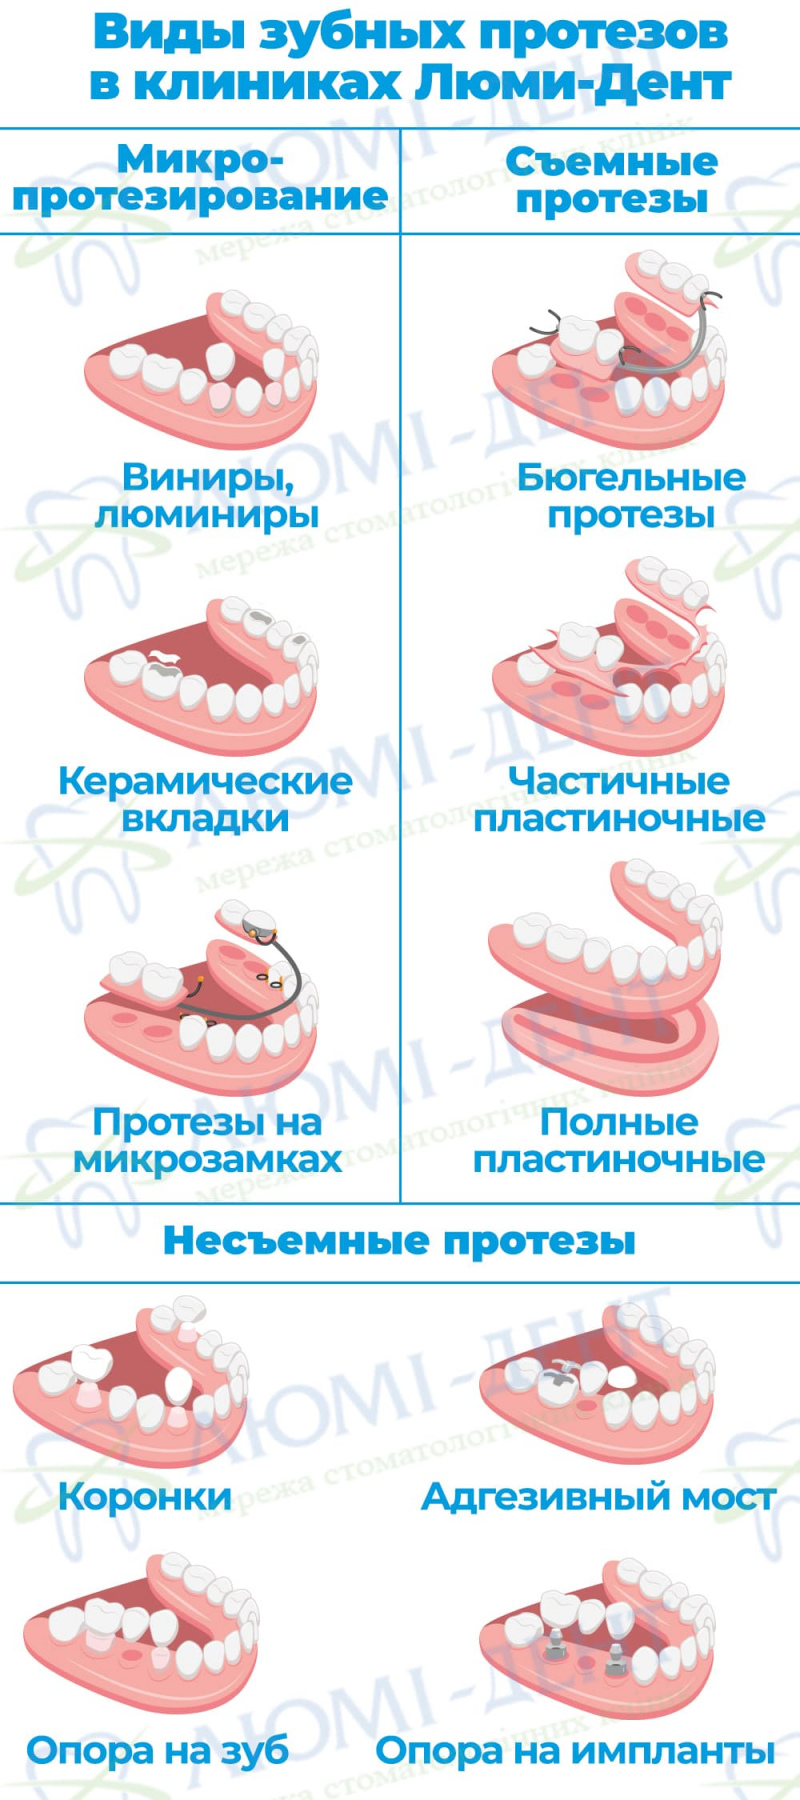 зубной протез это фото ЛюмиДент